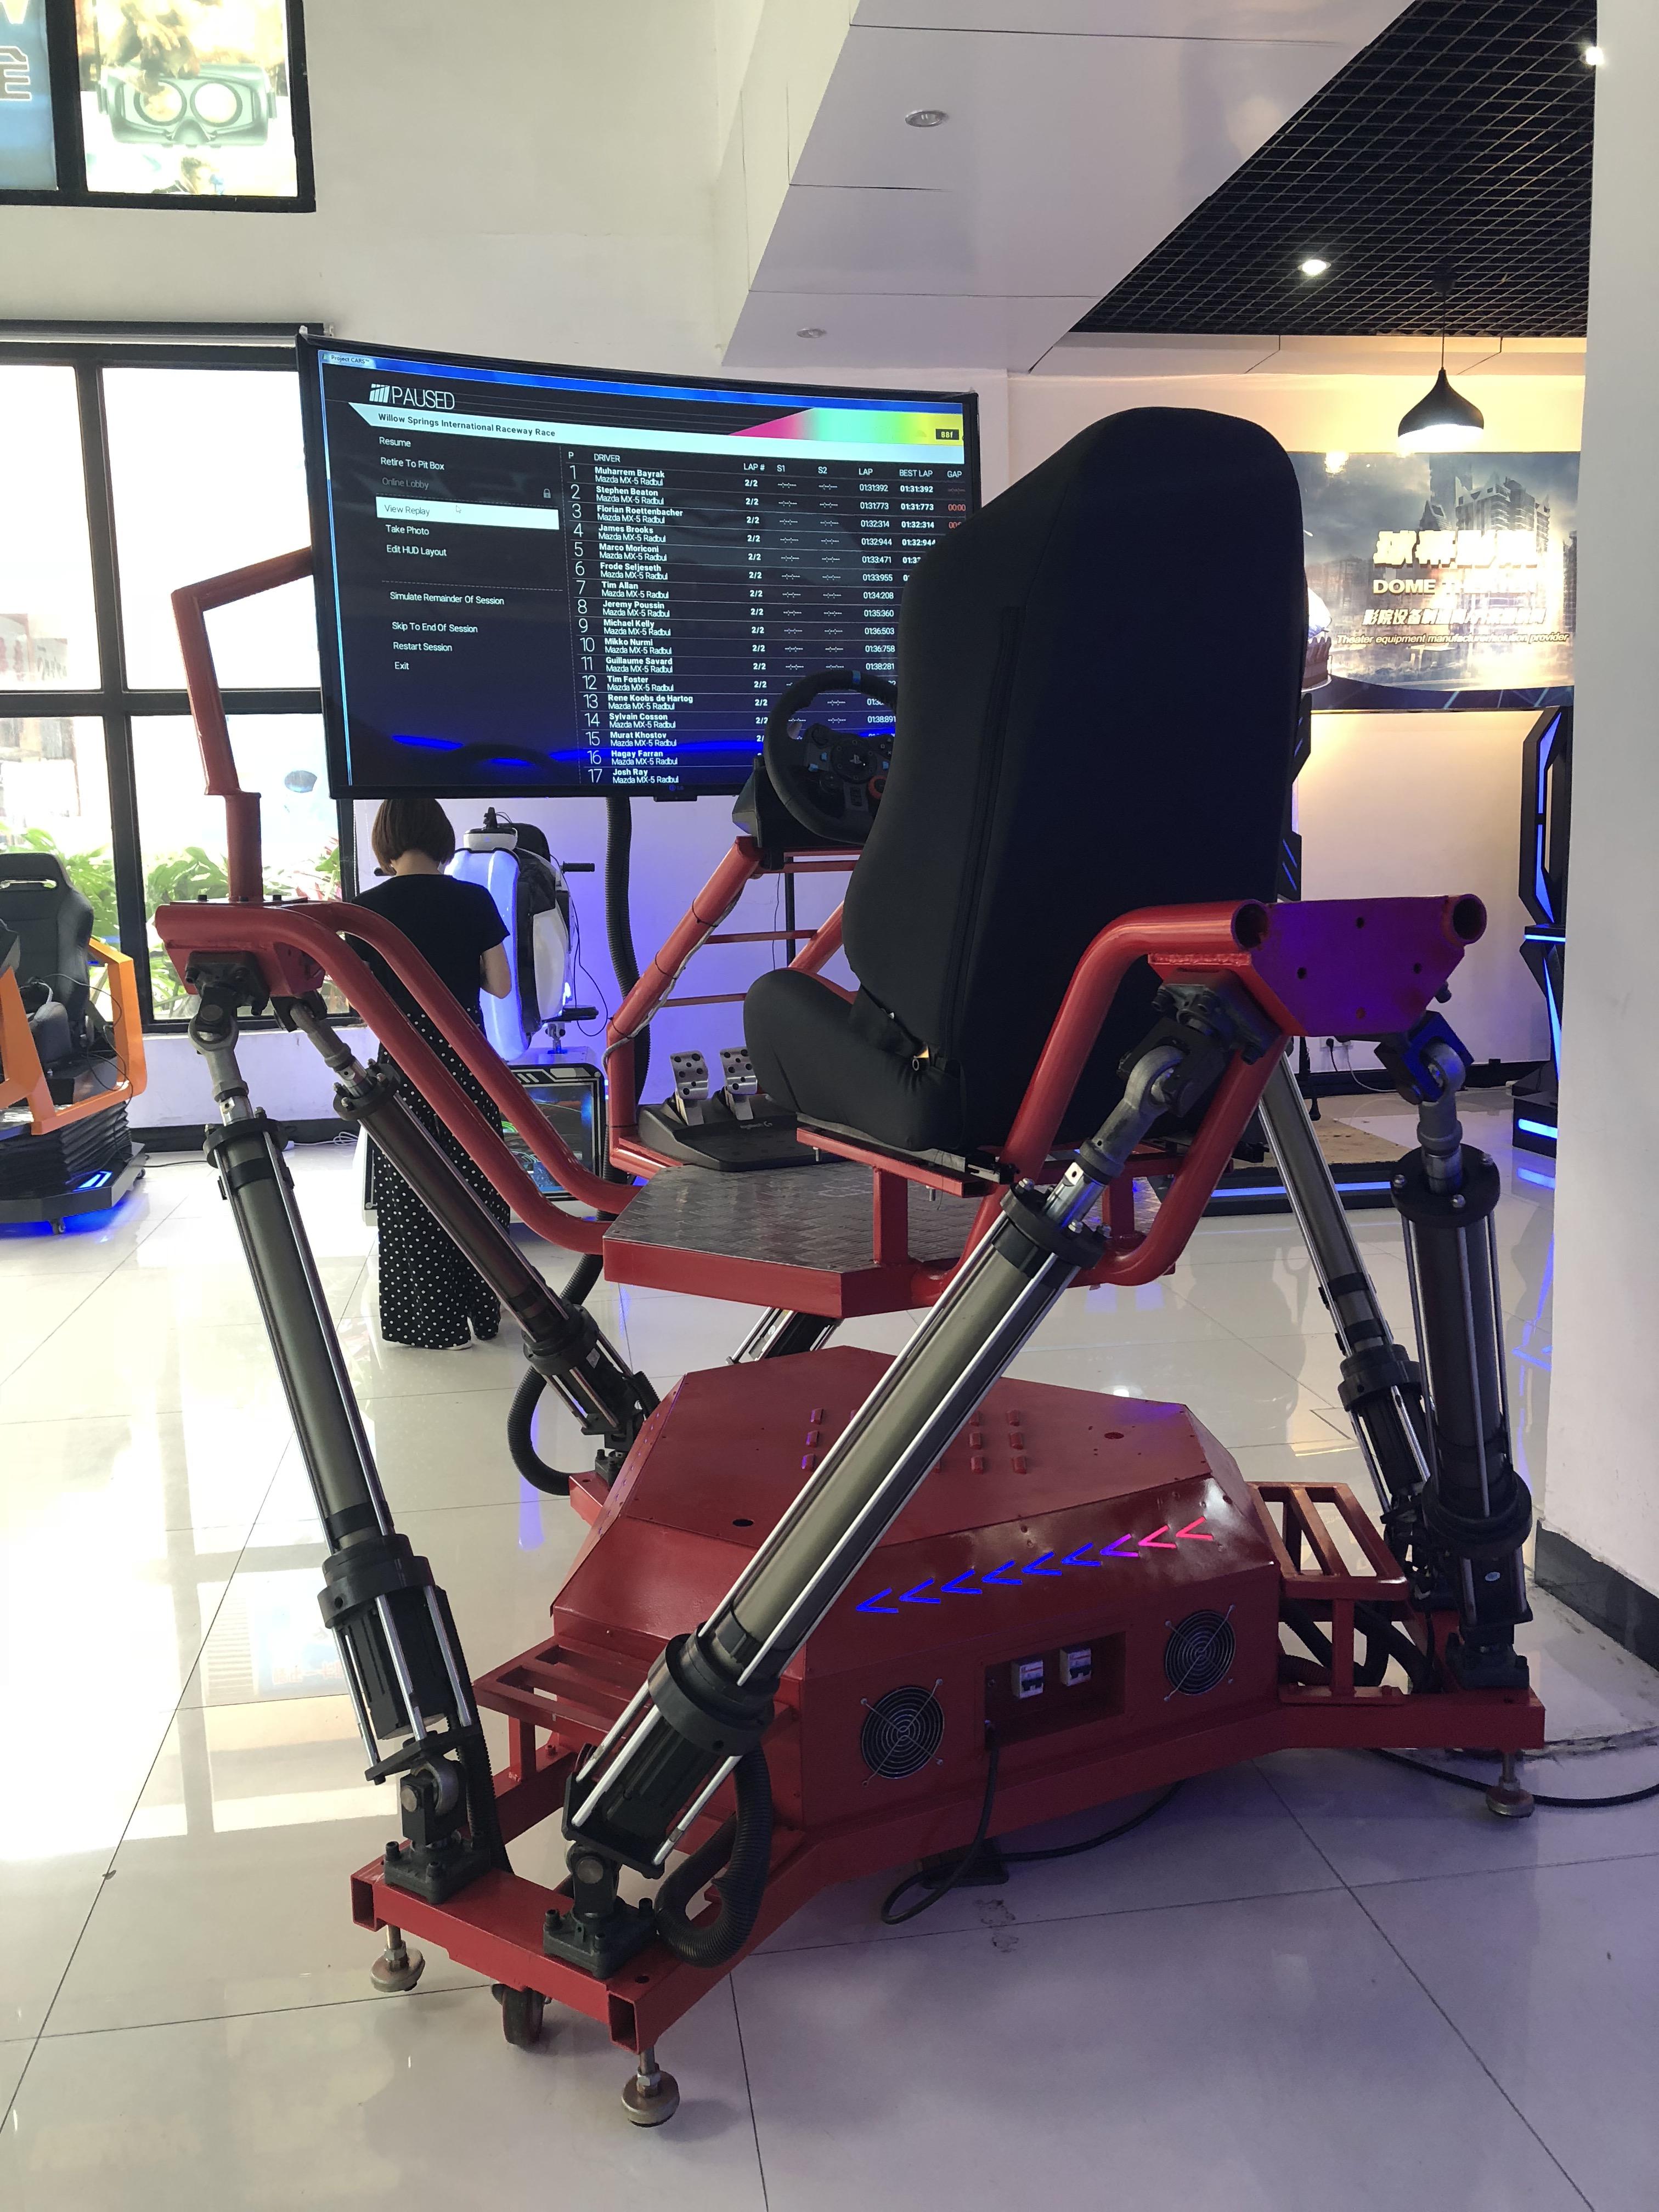 广州动感三屏赛车出租 租赁六轴赛车游戏 VR摩托赛车